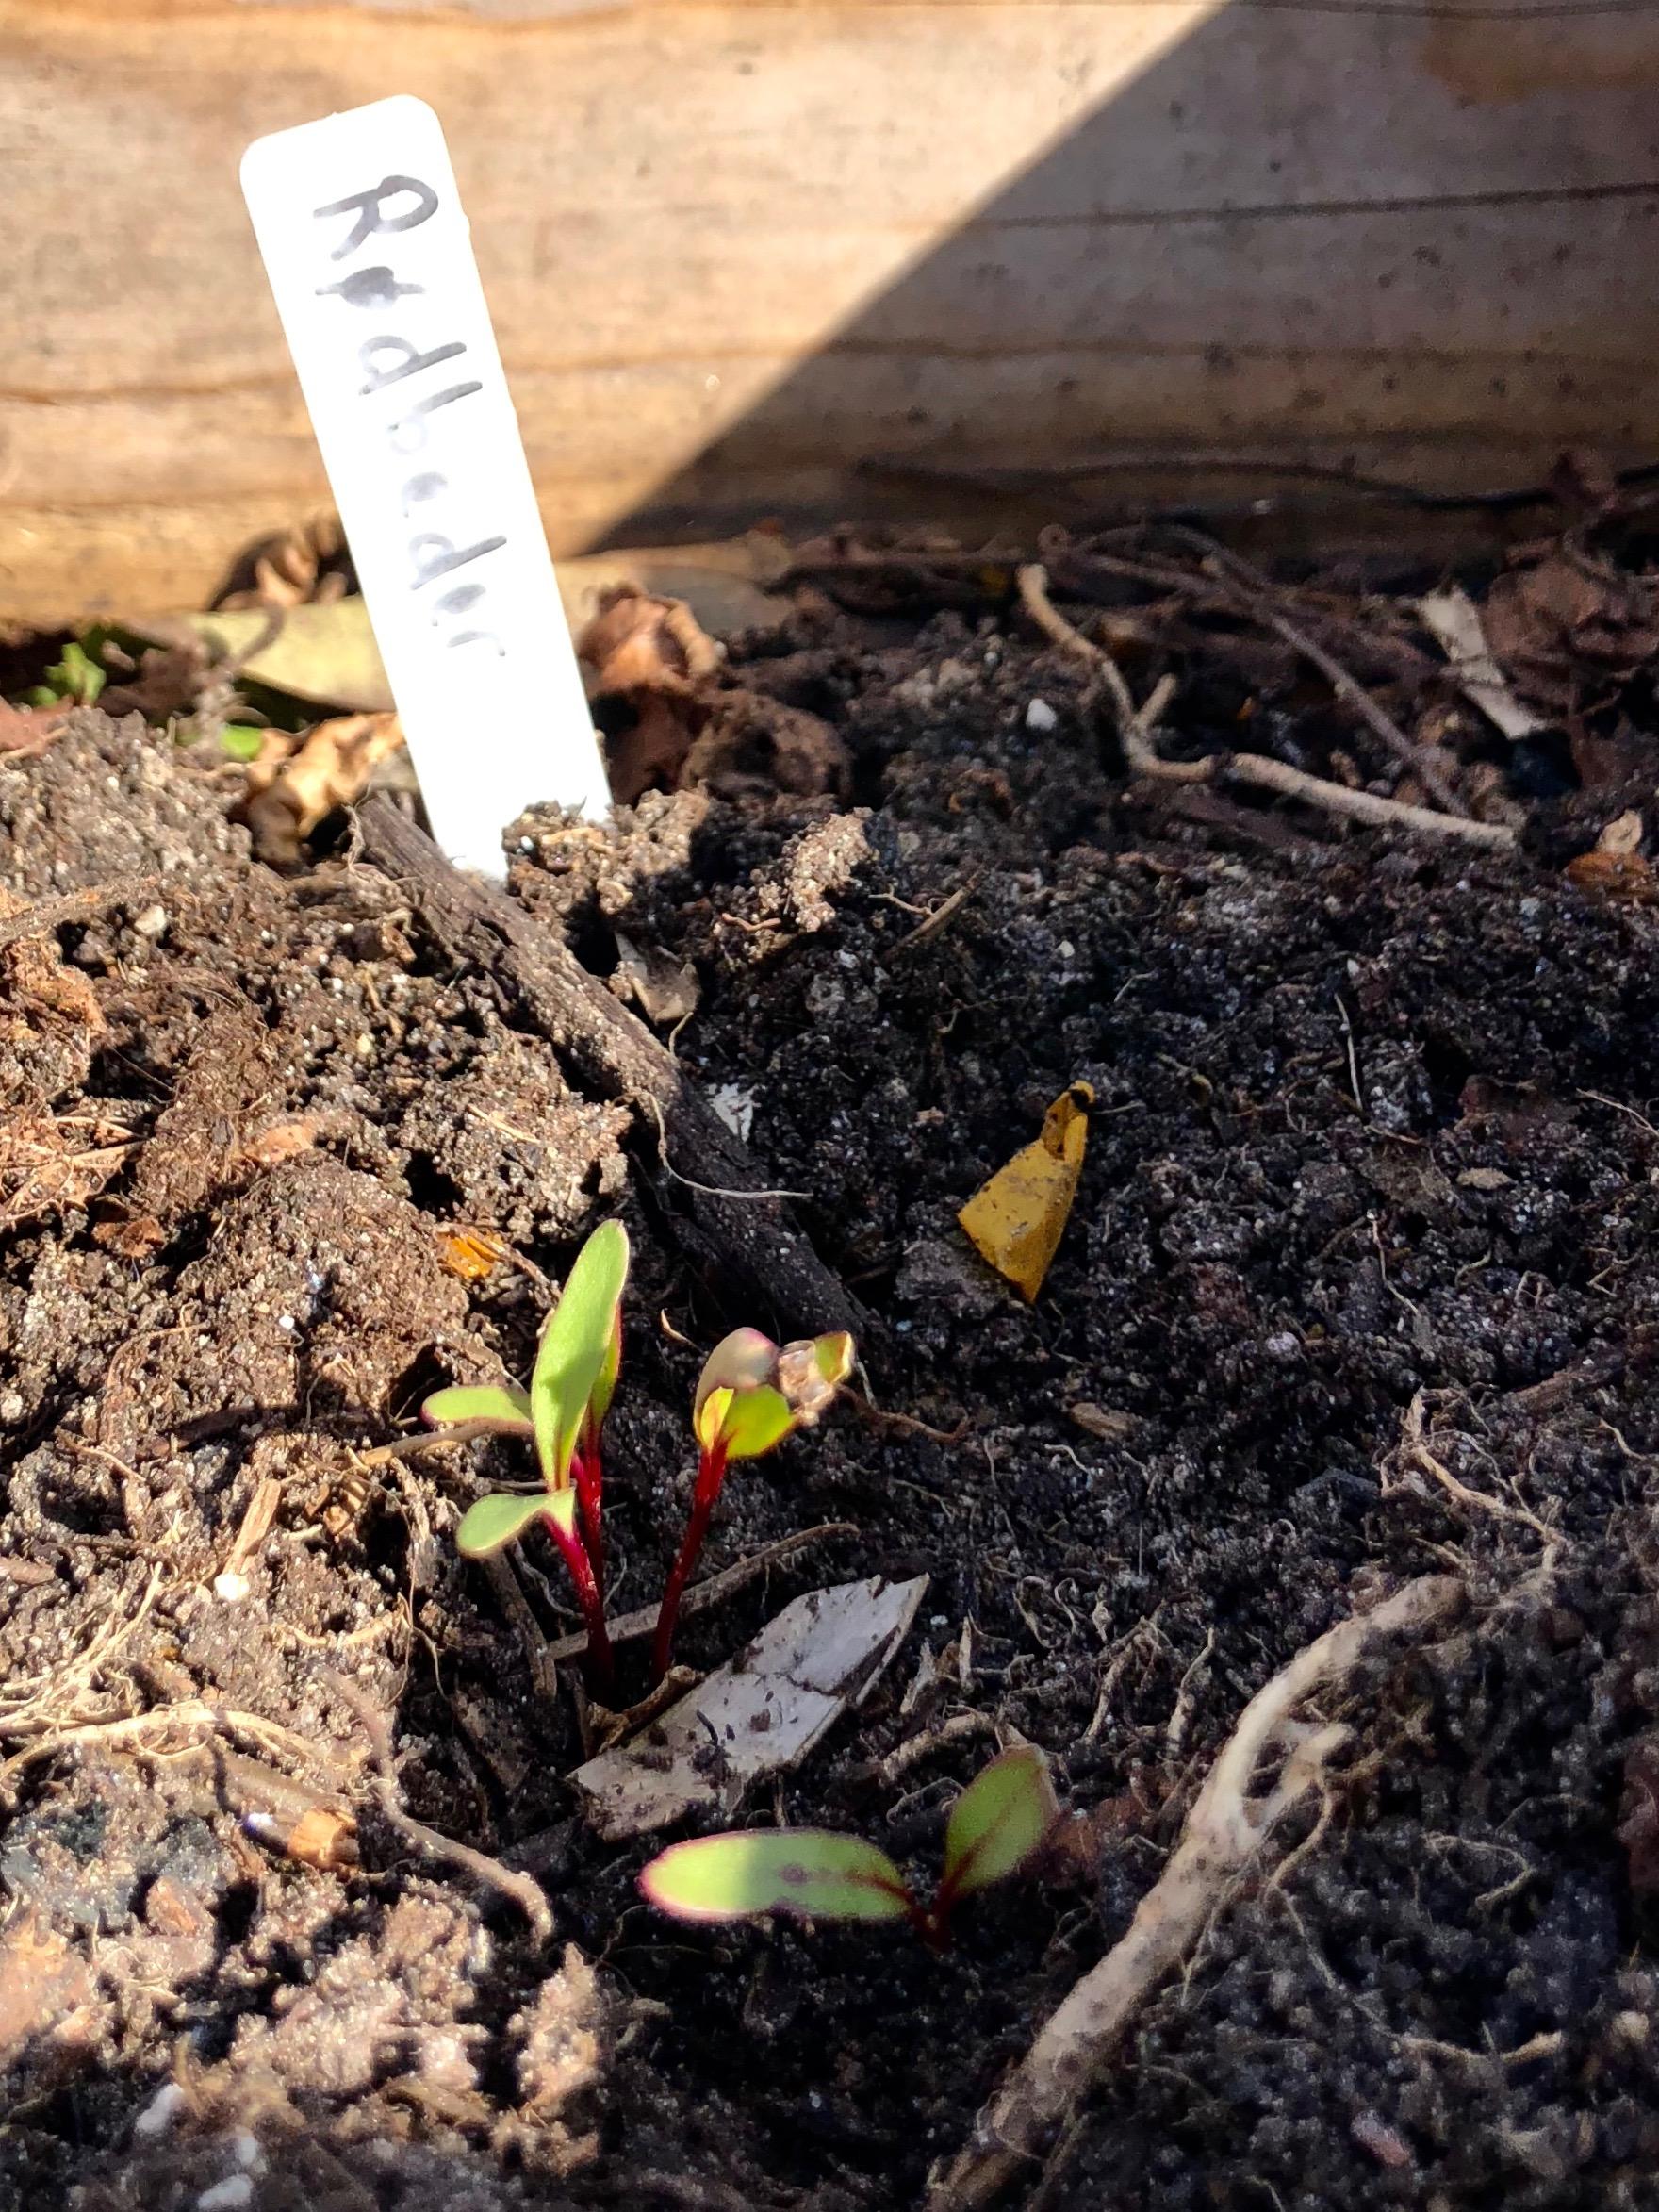 Hele den lille potte med rødbedespirer er plantet ud i køkkenhaven. Planterne er sået langt tættere, end frøposen foreskriver, og rødbederne kommer til at gnubbe sig lidt op ad hinanden, men det fungerer fint, når jeg bare altid høster den største ved forsigtigt at vride den fri af jorden.